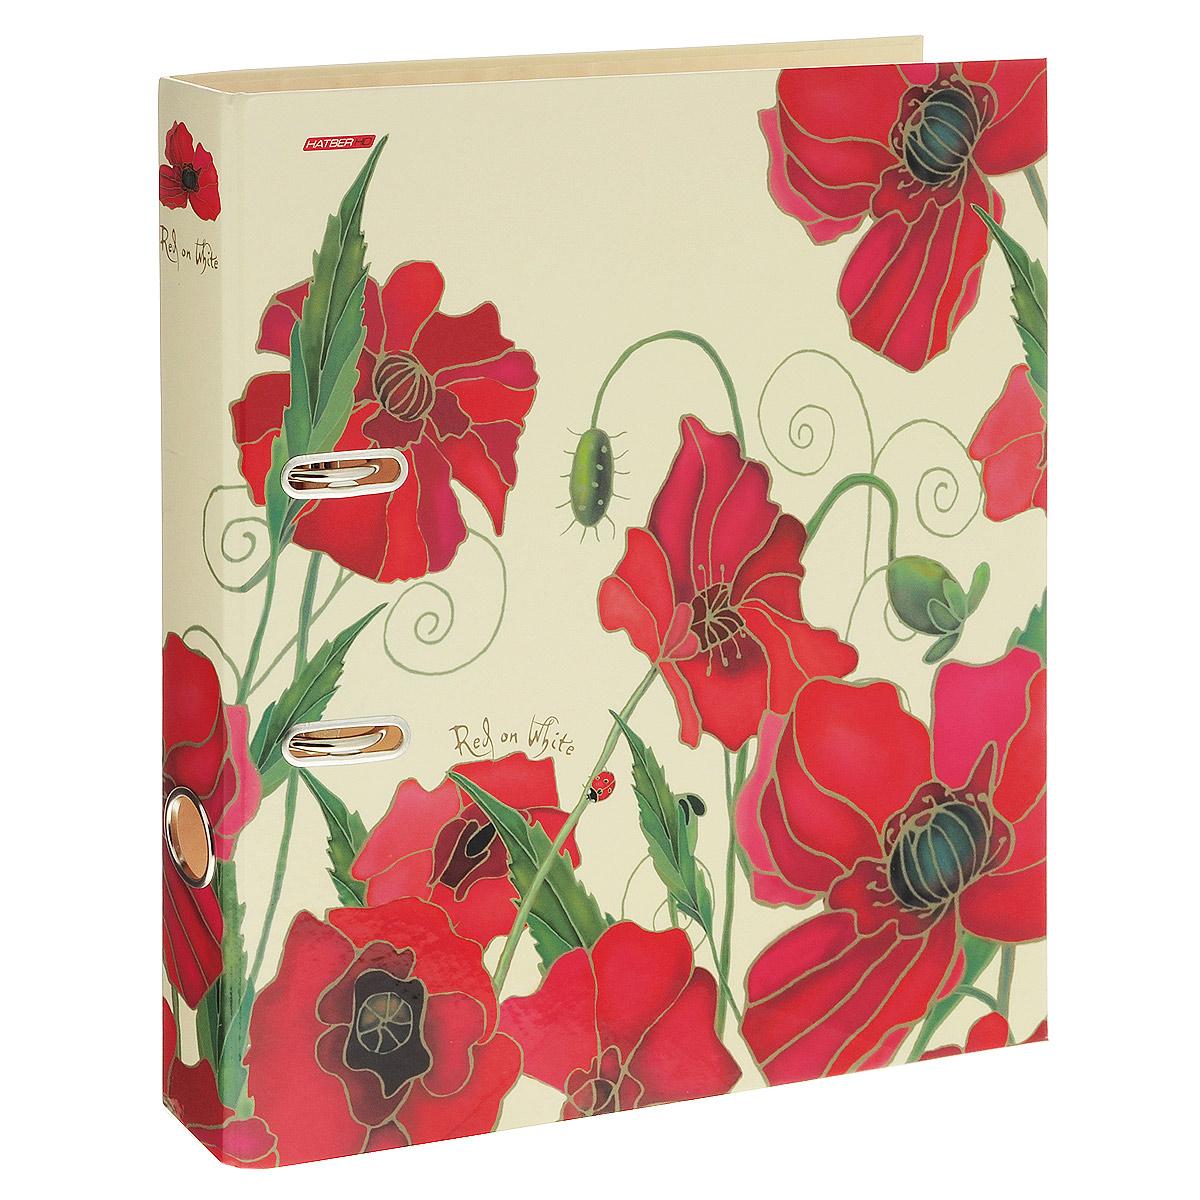 Папка-регистратор Hatber Red on White, ширина корешка 45 мм, цвет: бежевый, красныйПР4_10642Красочная папка-регистратор Hatber Red on White пригодится в каждом офисе и доме для хранения больших объемов документов. Внешняя сторона папки выполнена из плотного ламинированного картона бежевого цвета и оформлена изображениями красных цветов. Папка-регистратор оснащена надежным арочным механизмом крепления бумаги. Круглое отверстие в корешке папки облегчит ее извлечение с полки.